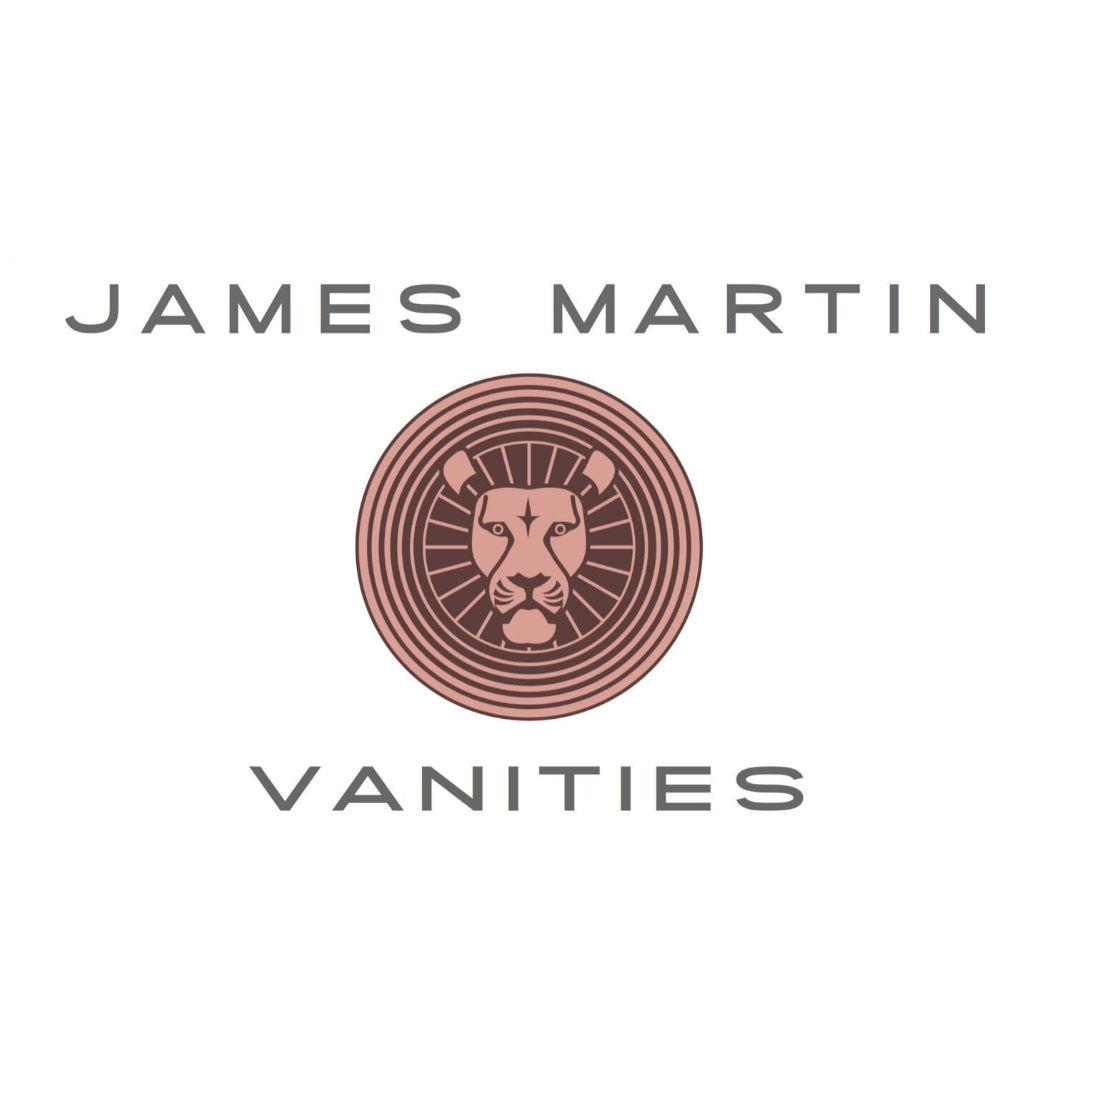 James Martin Vanities